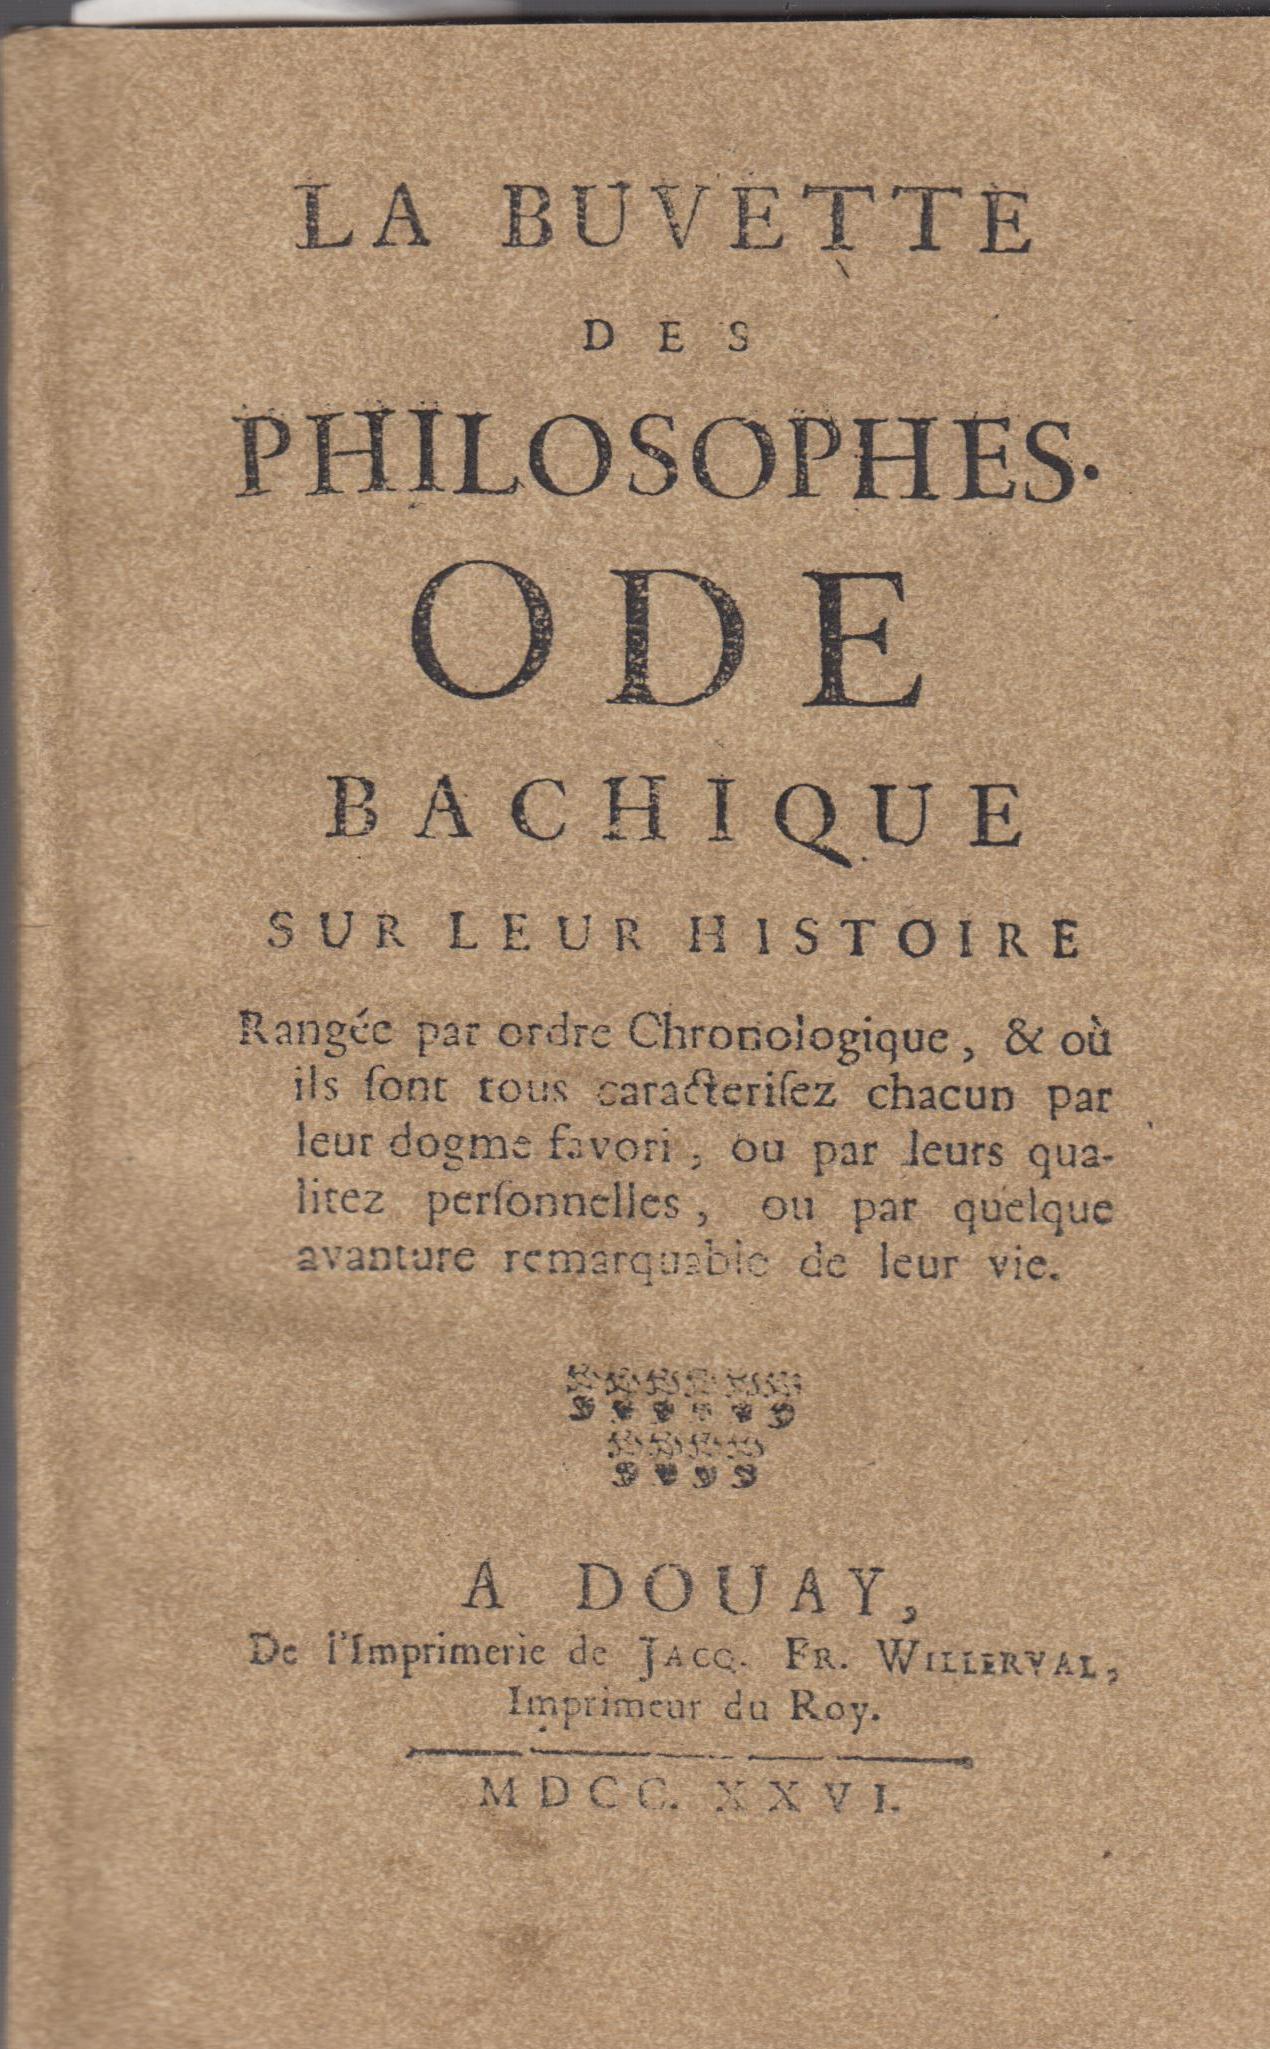 viaLibri ~ Rare Books from 1726 - Page 1